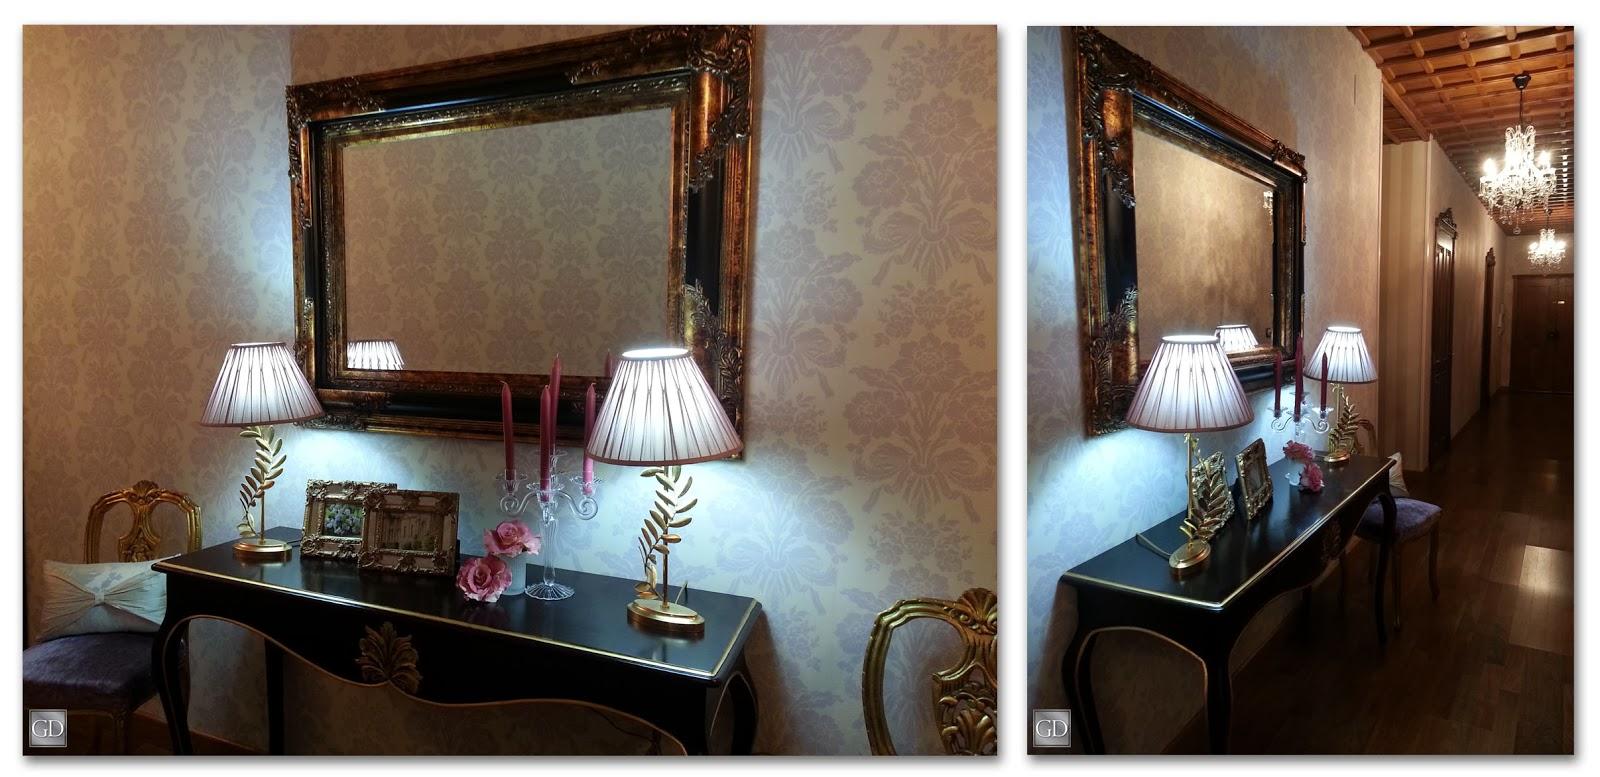 Juegos de decoracion de interiores de casas decoracion - Juegos decoracion de interiores ...